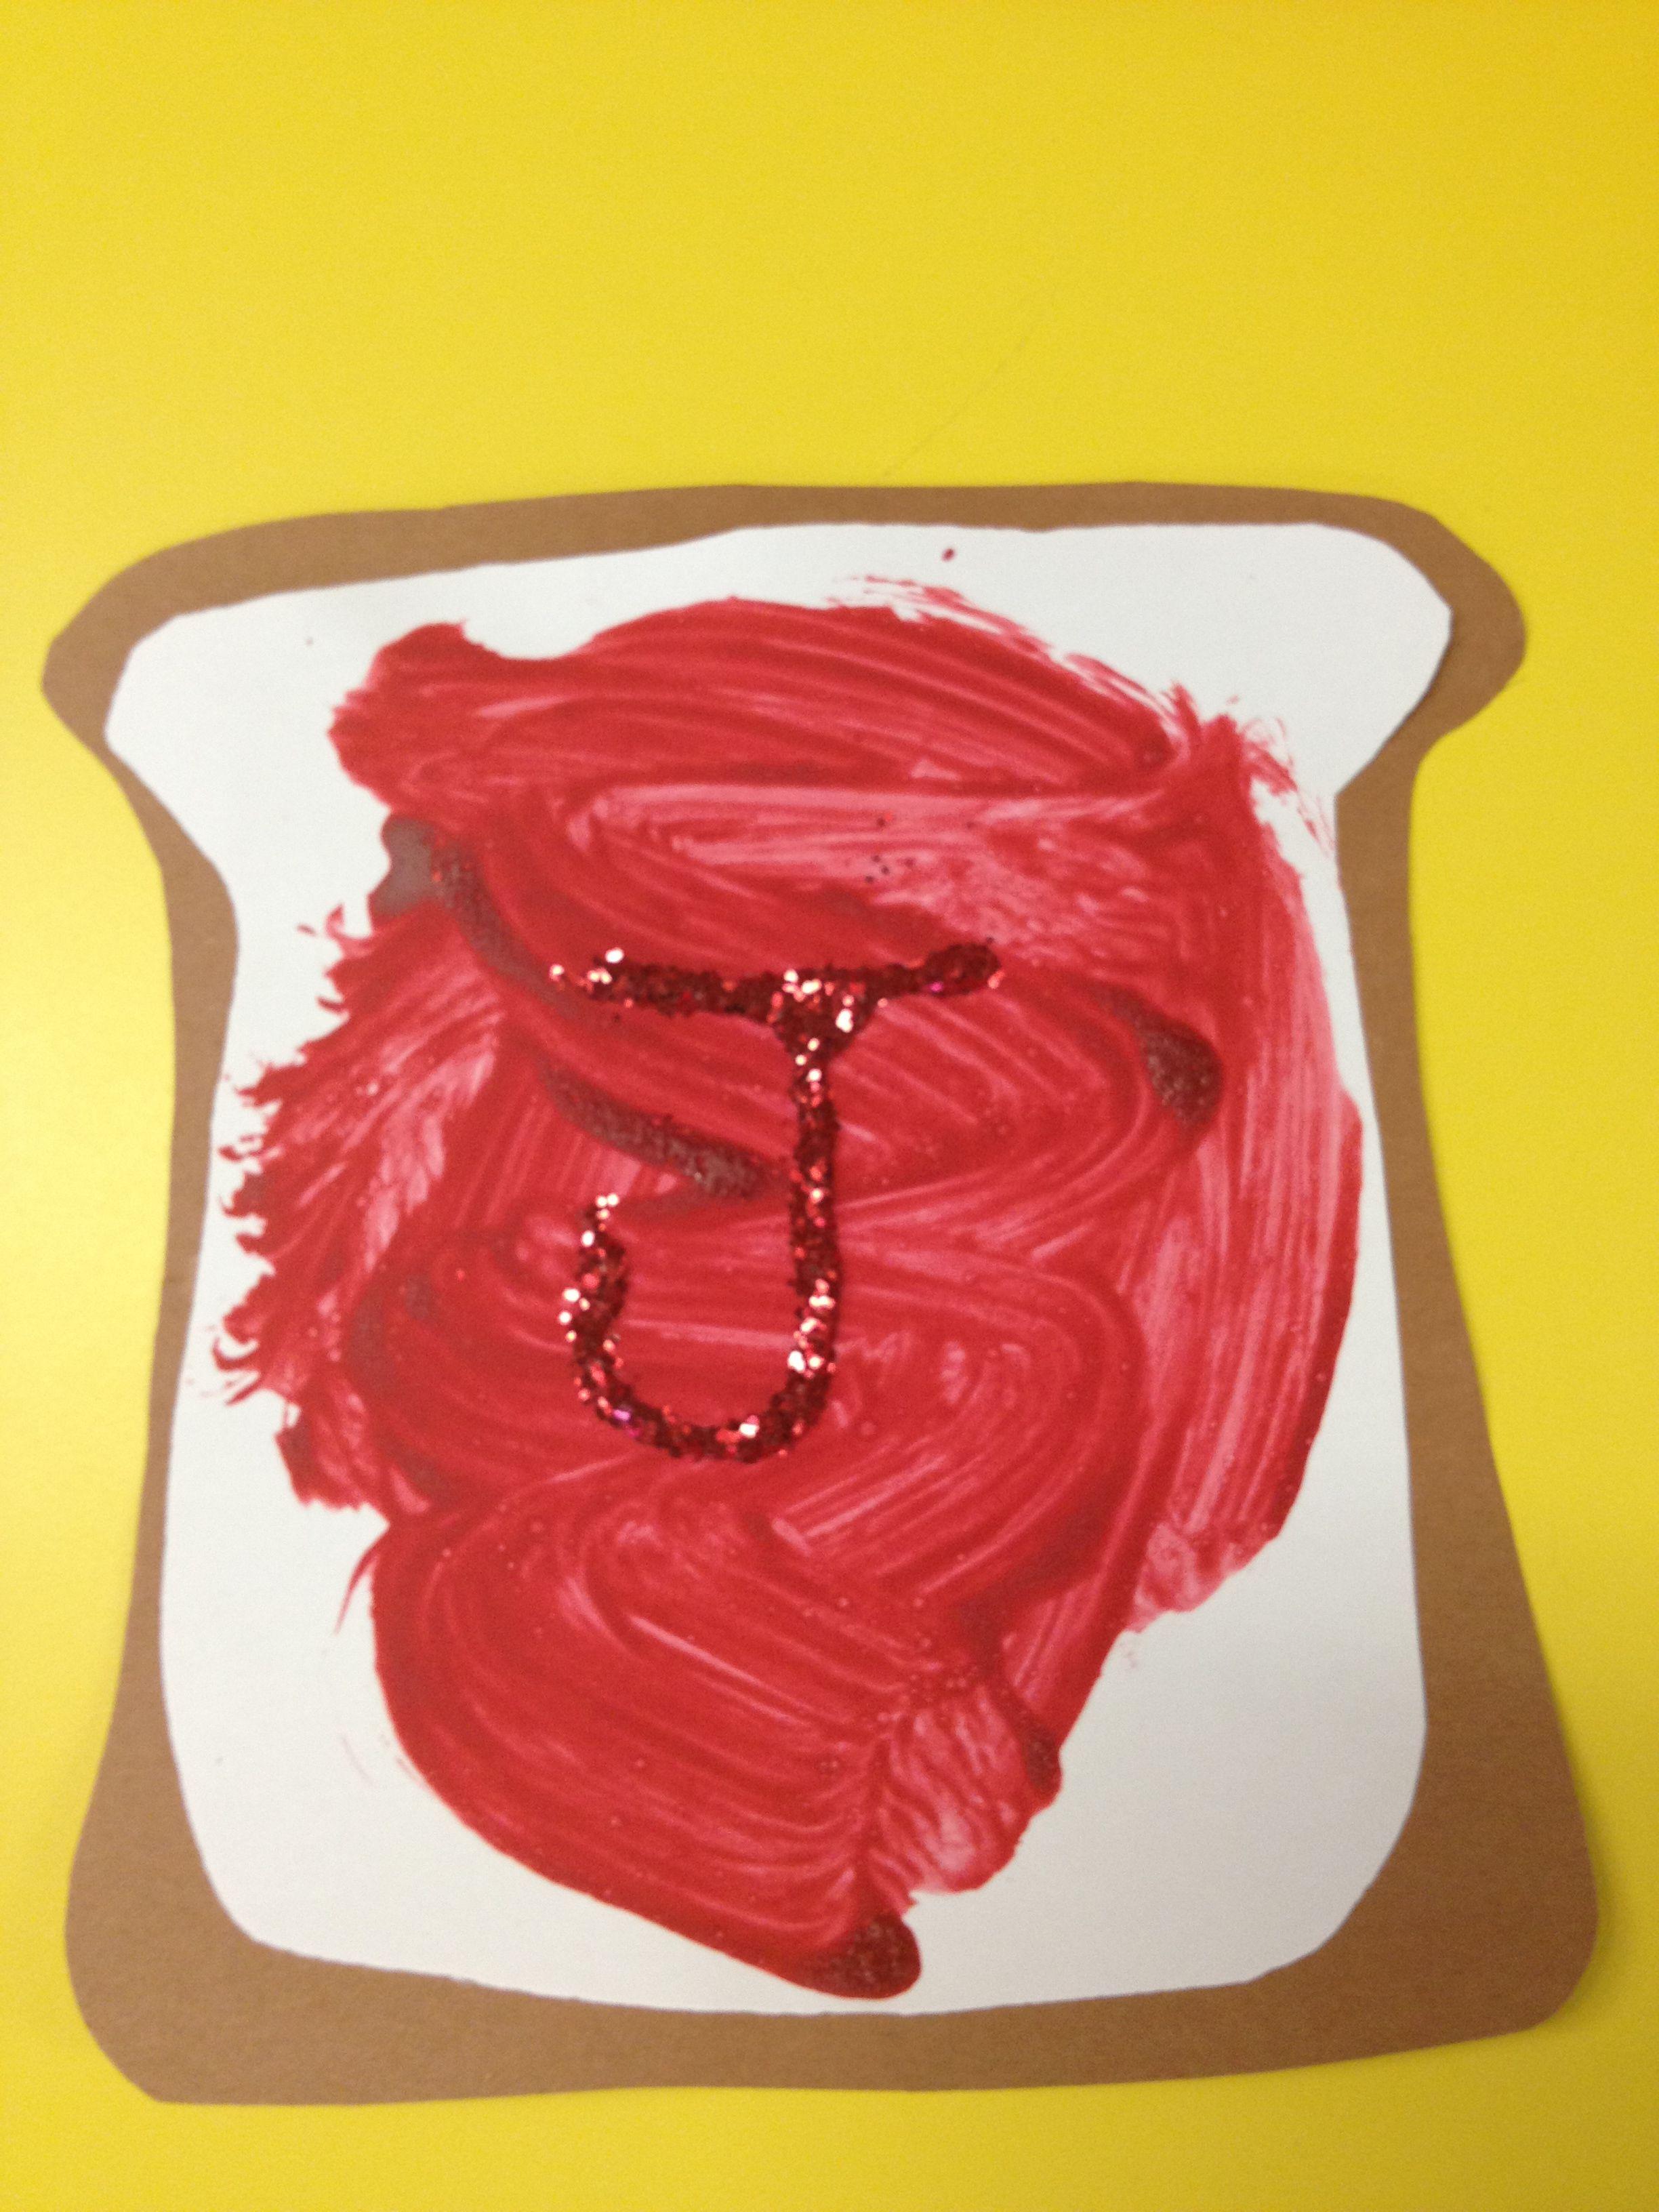 J For Jelly Sandwich So Cute